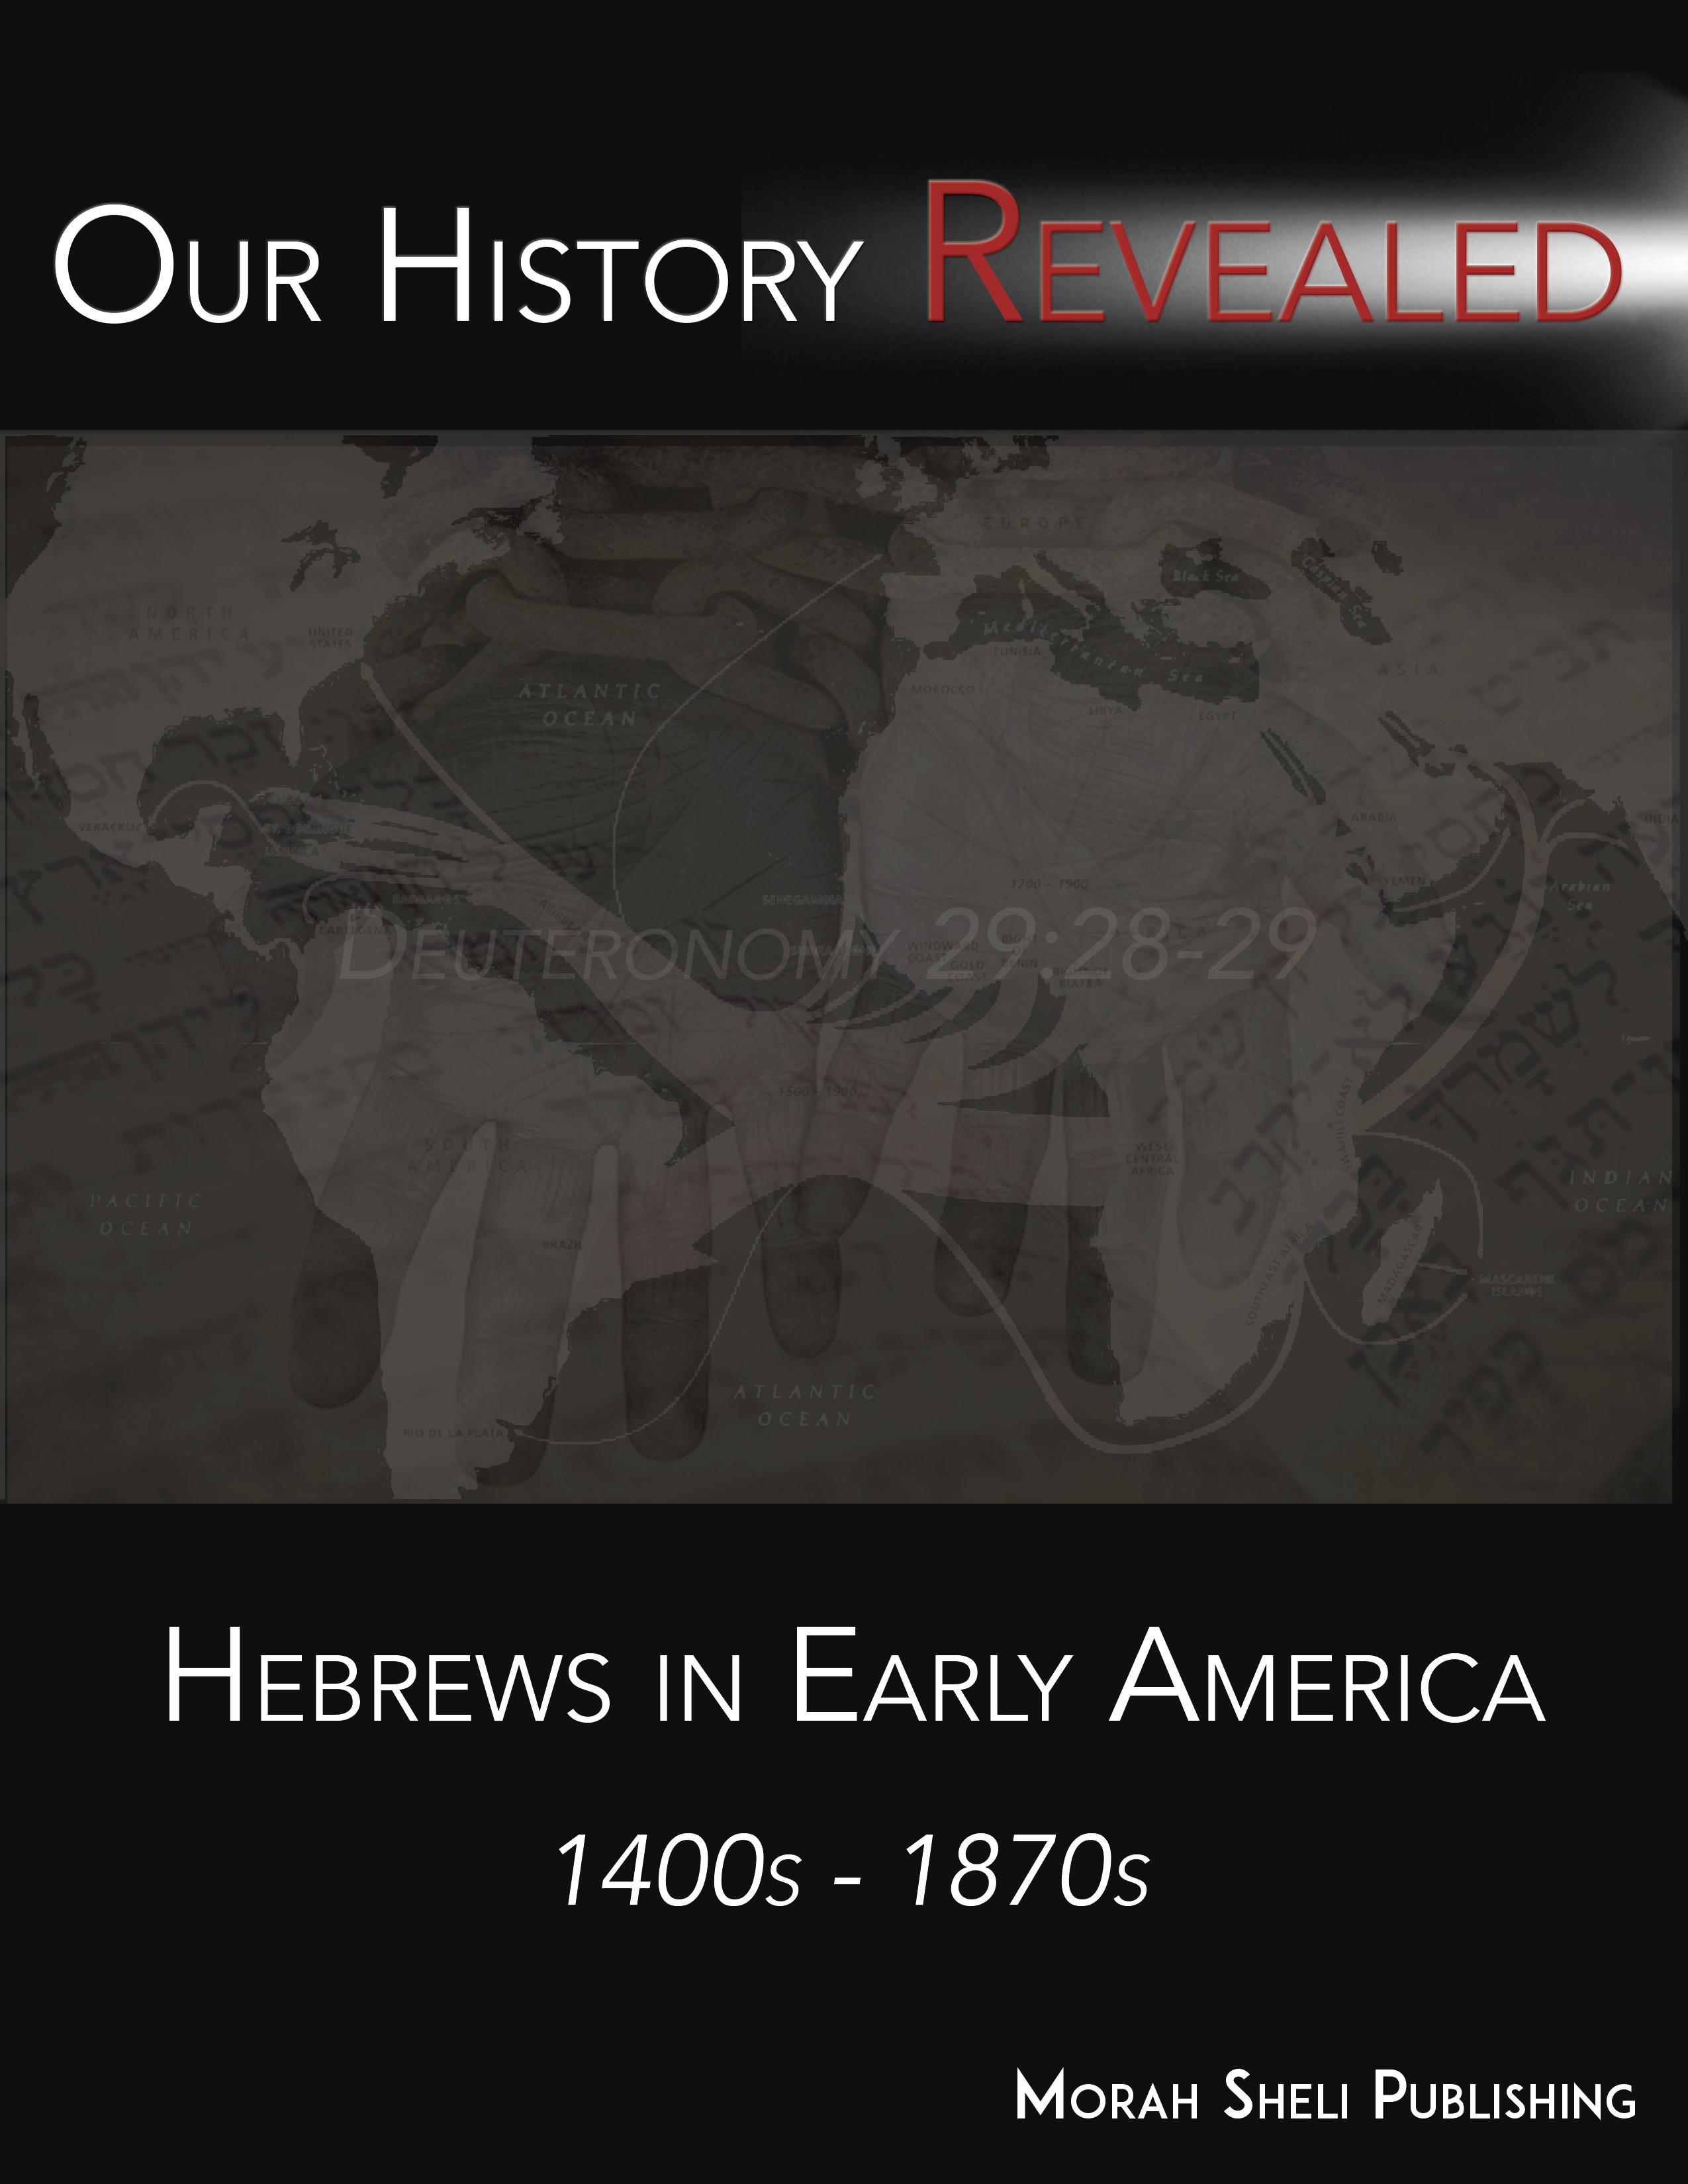 Hebrews in Early America 1400-1870-Revised